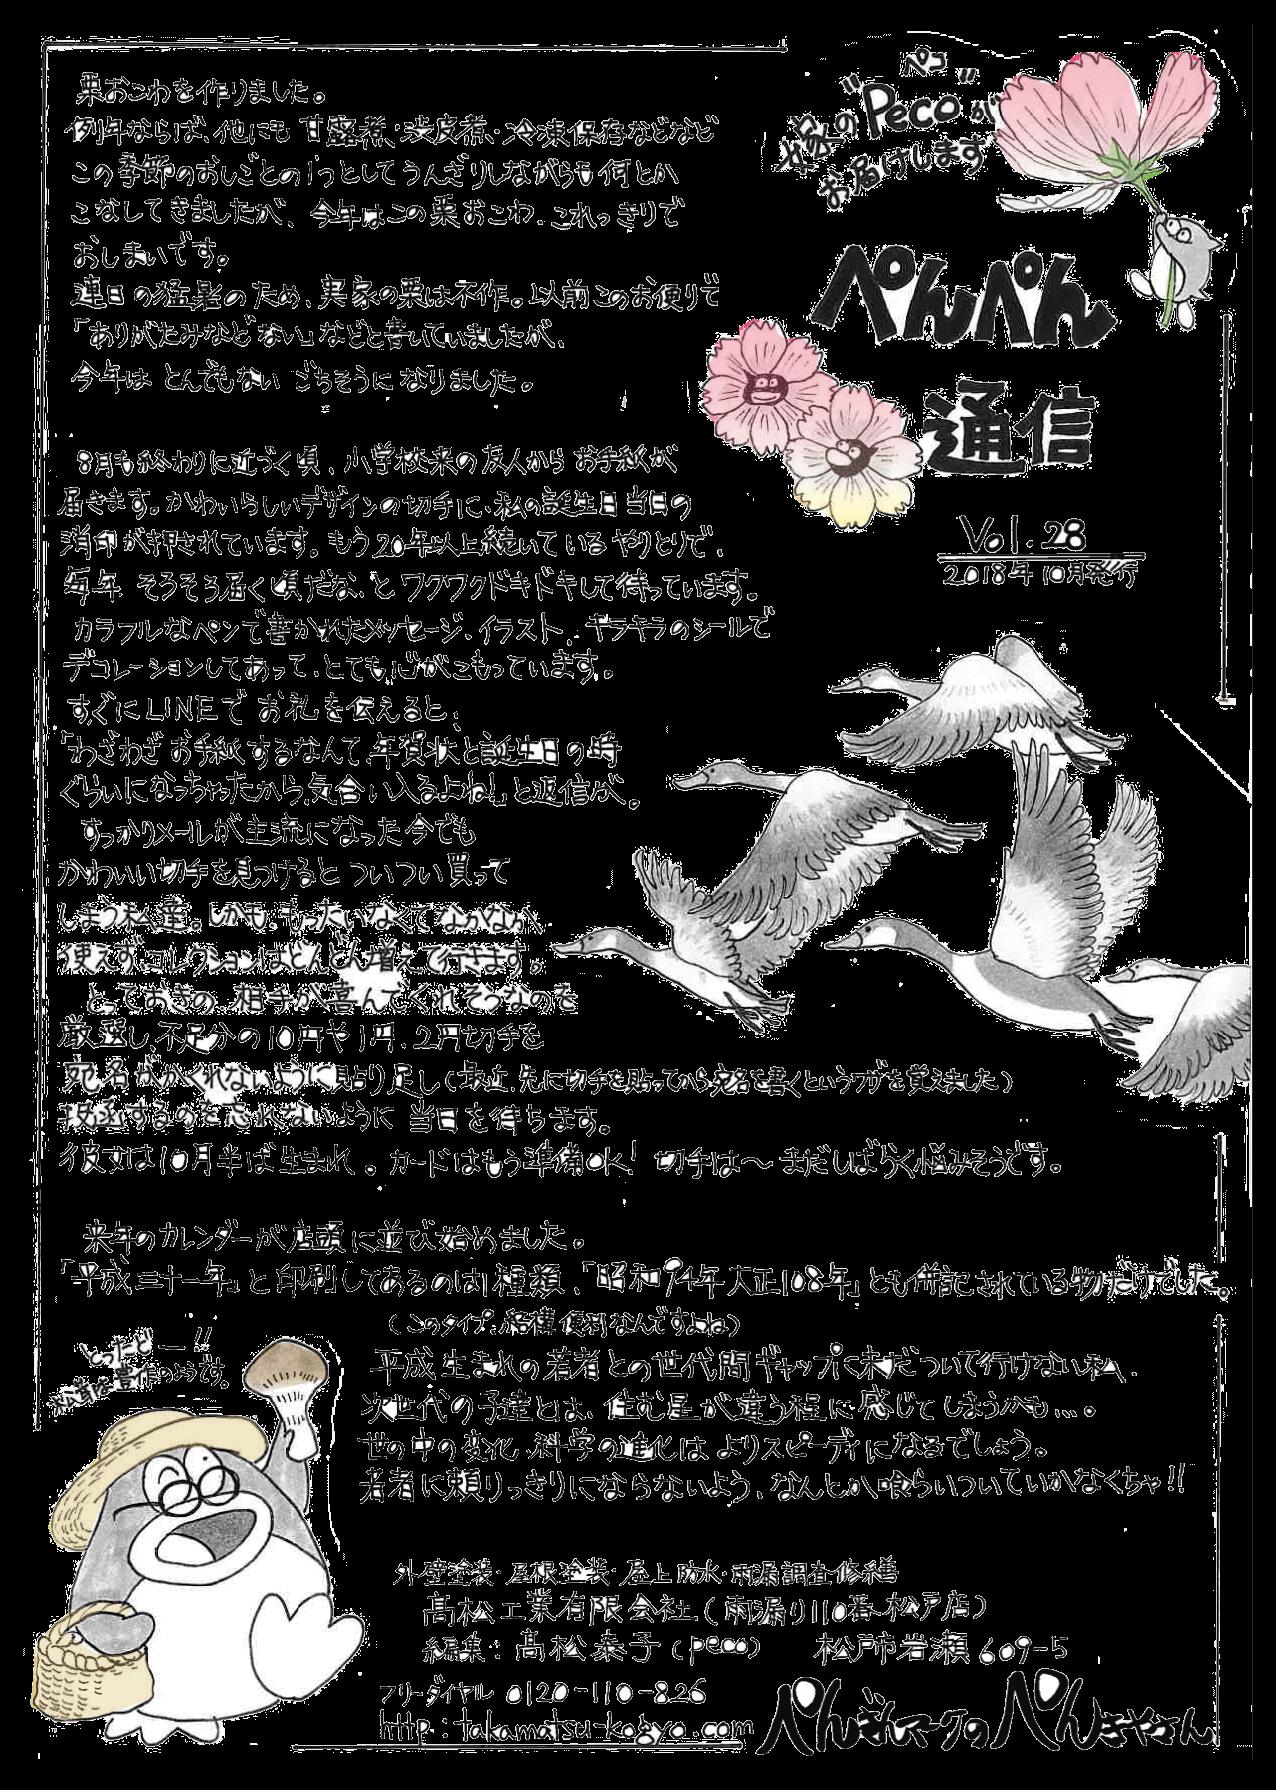 女性建築士のイラスト通信 フリーペーパー『ぺんぺん通信』